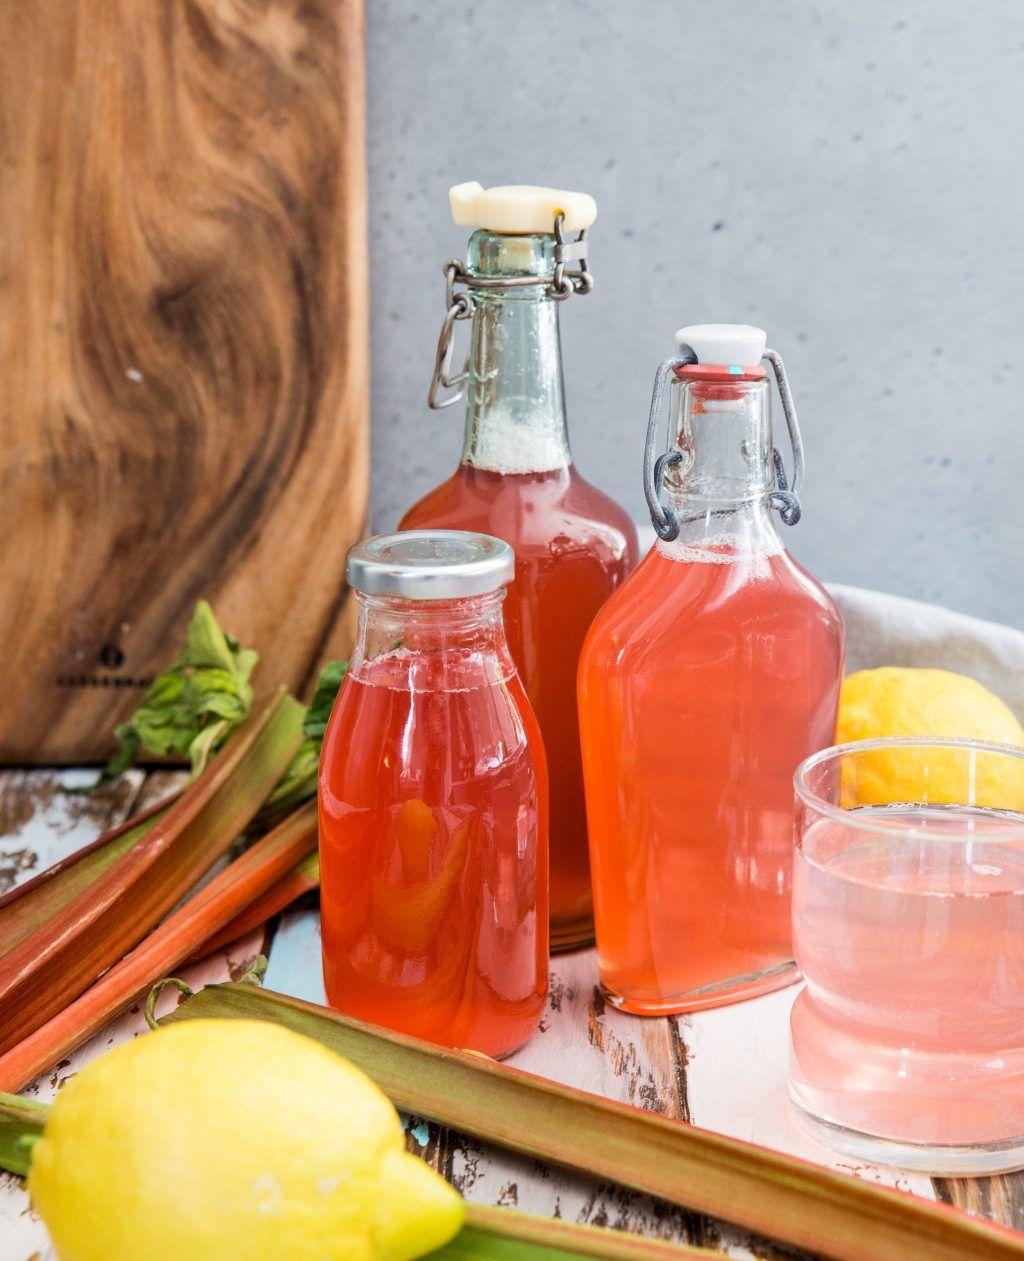 rabarberdricka med citron